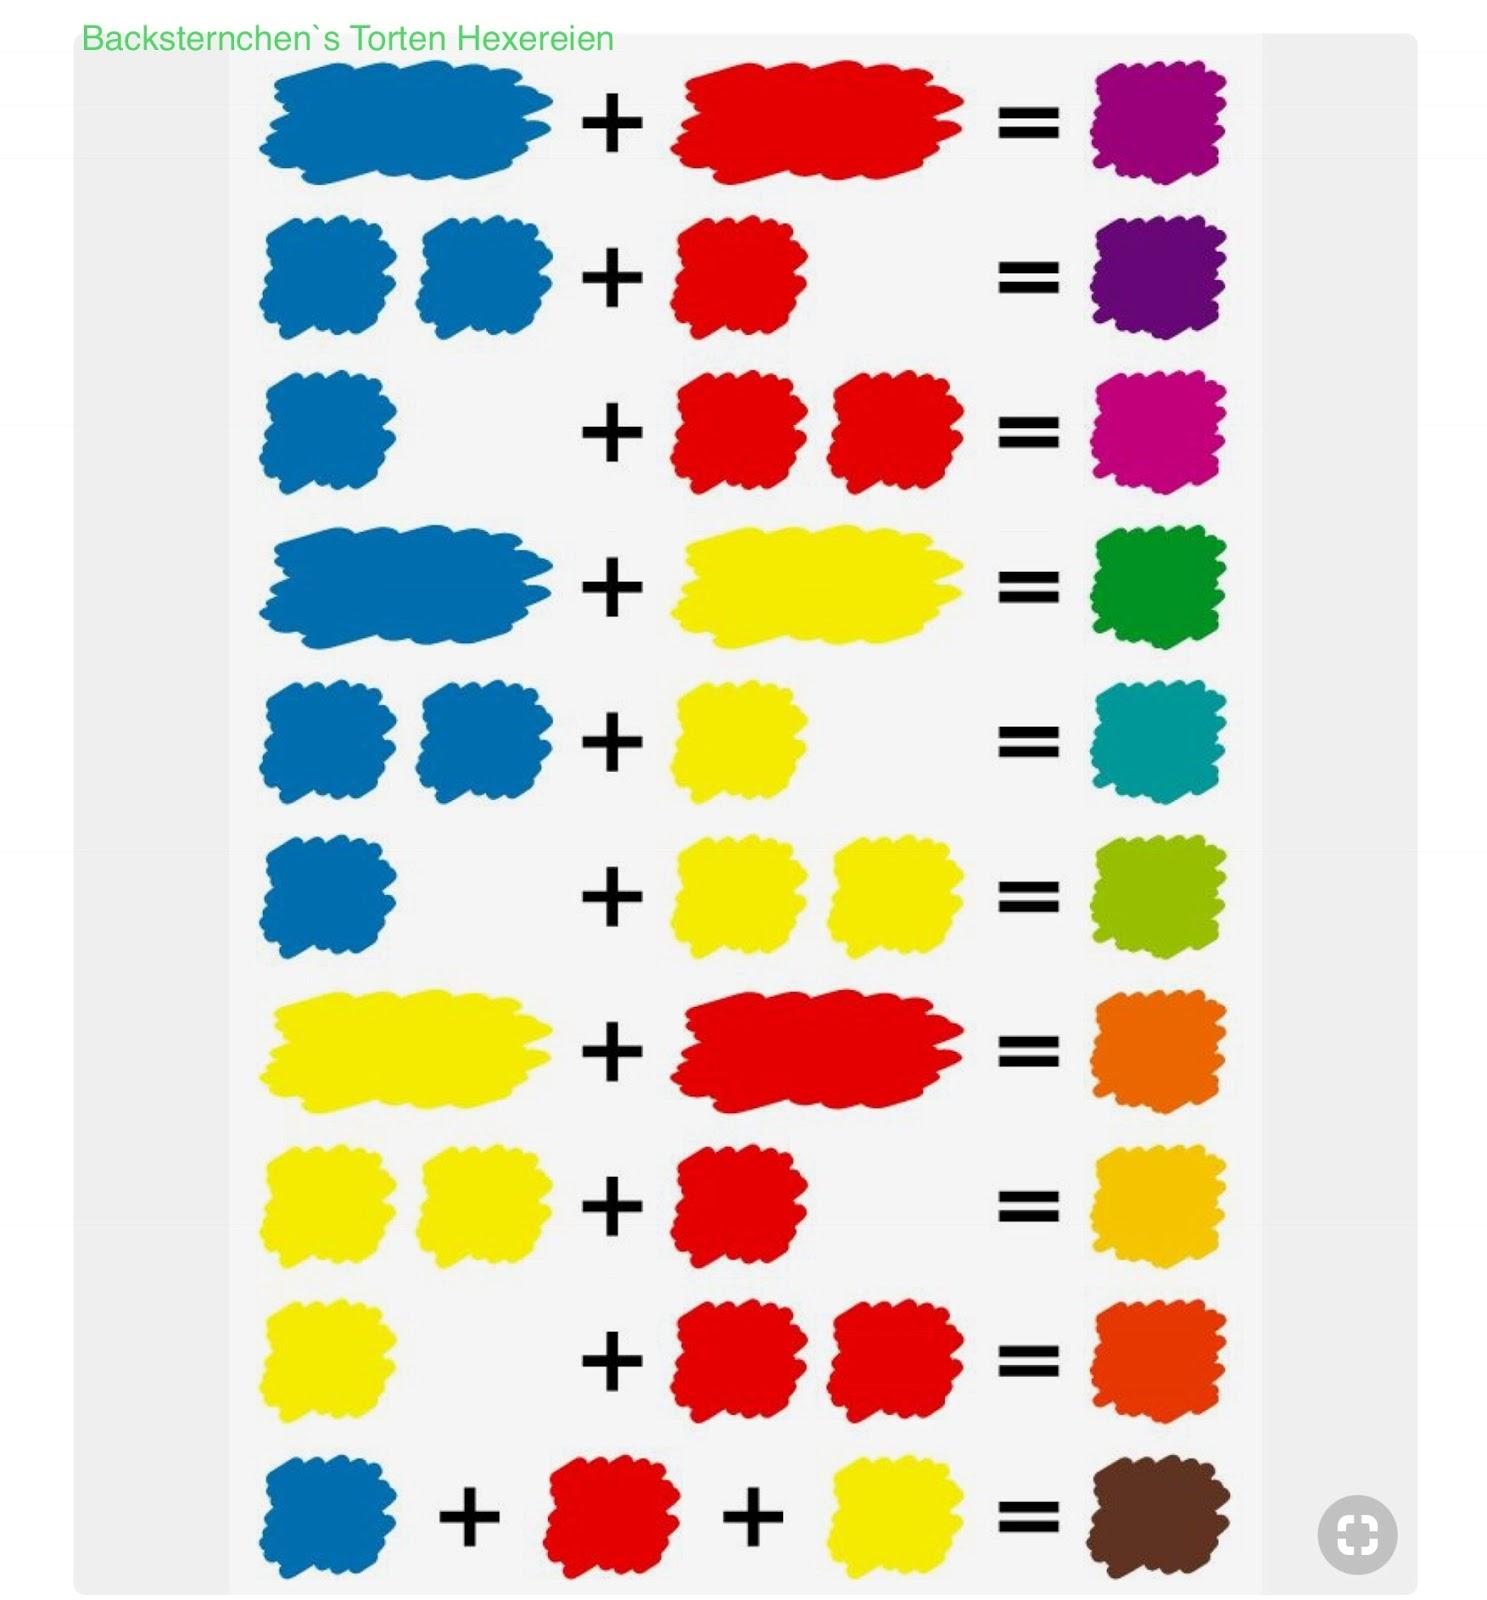 Backsternchen's Torten Hexereien : Farben Mischen